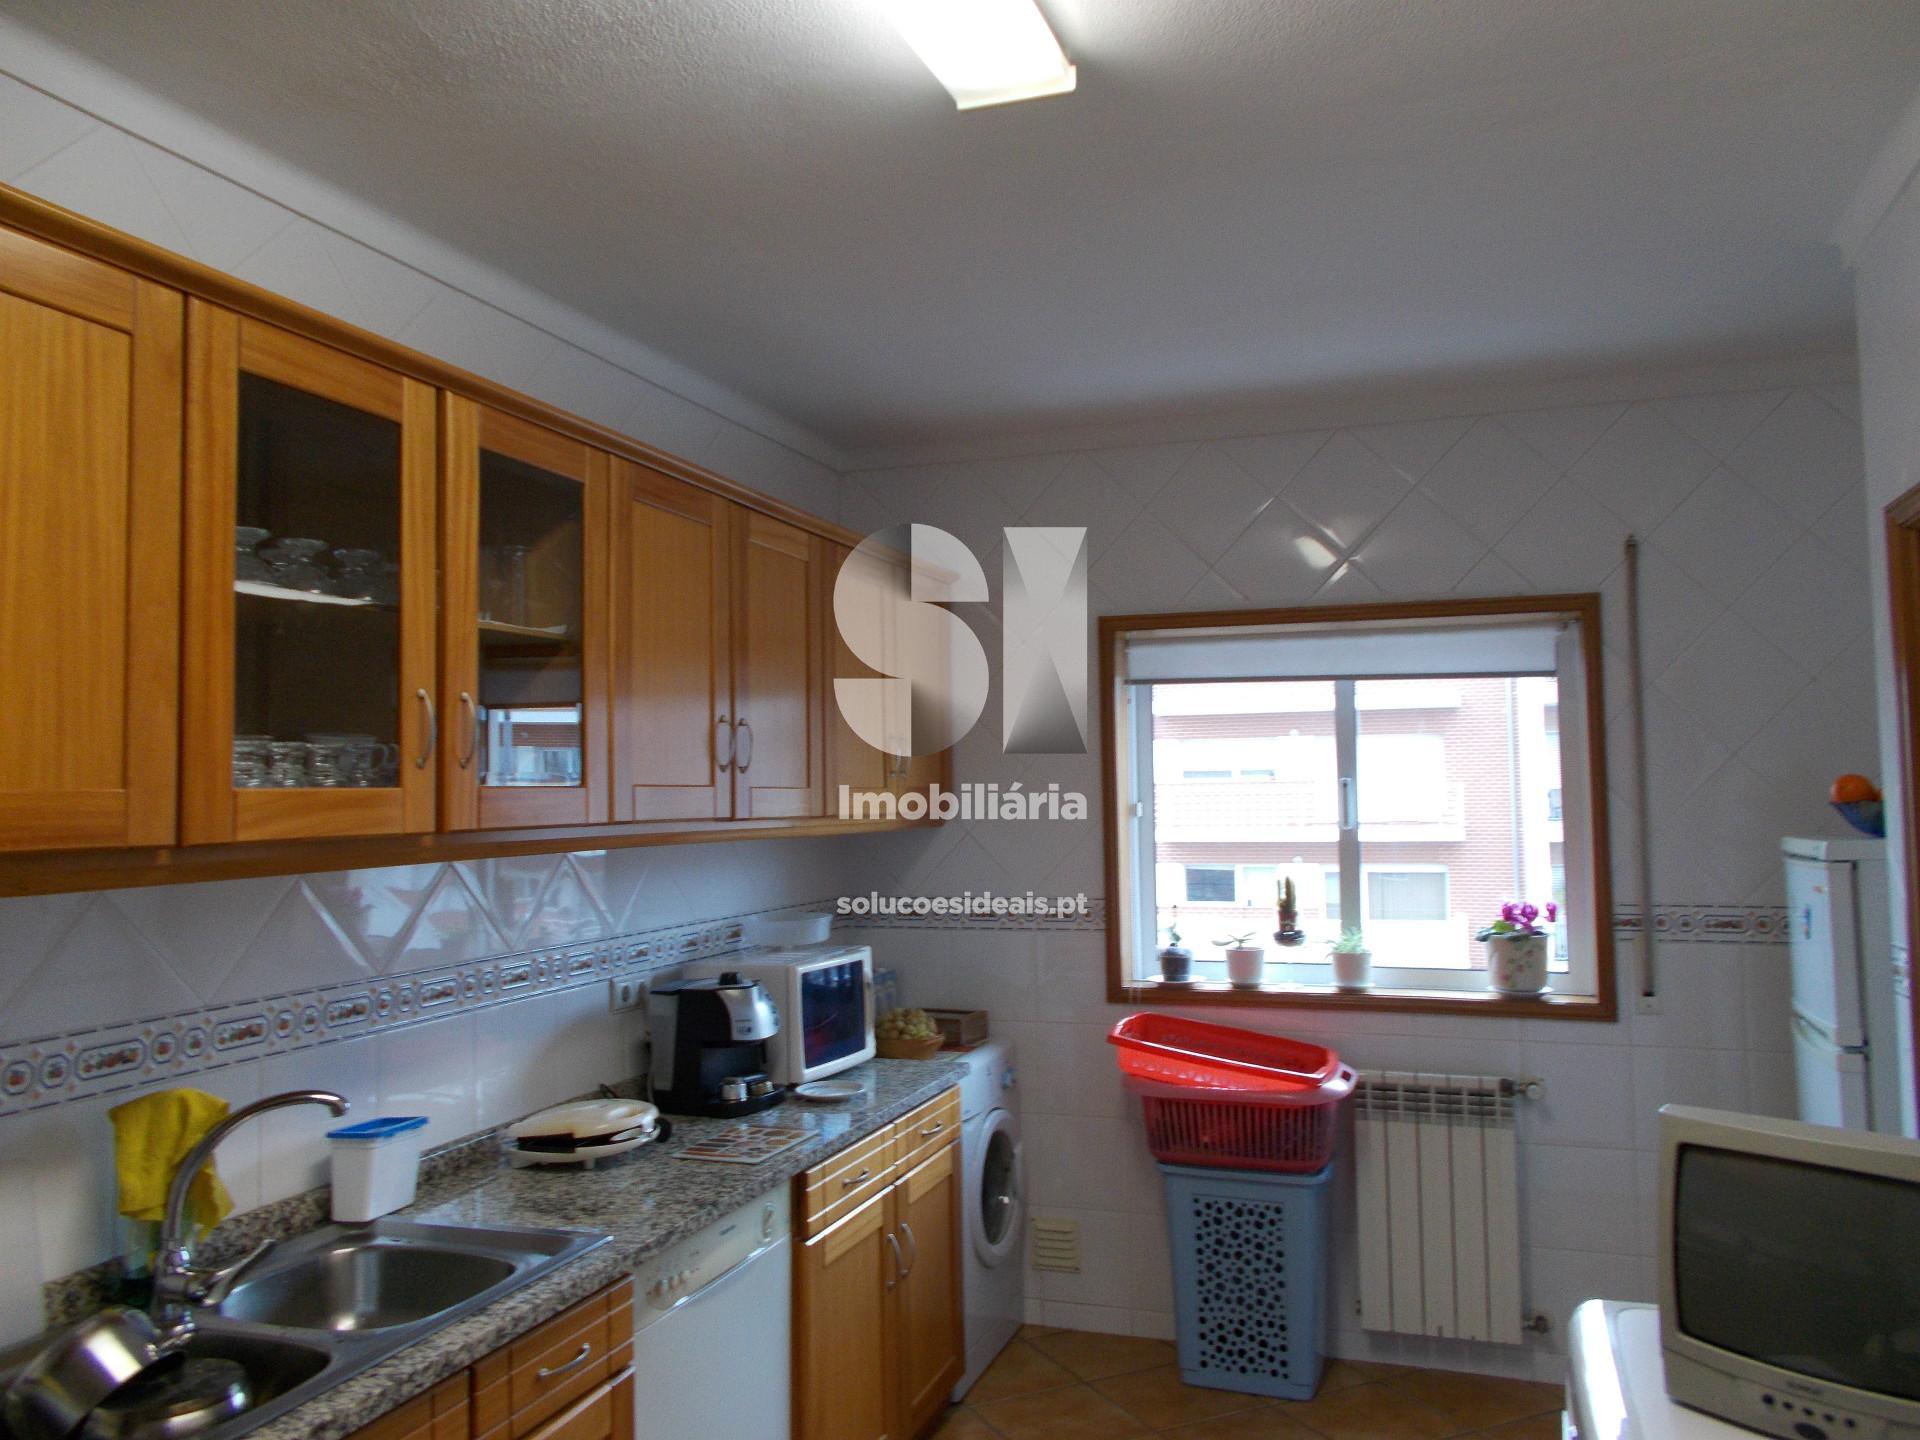 apartamento t3 duplex para compra em aveiro sao bernardo aveiro AVGCL1729